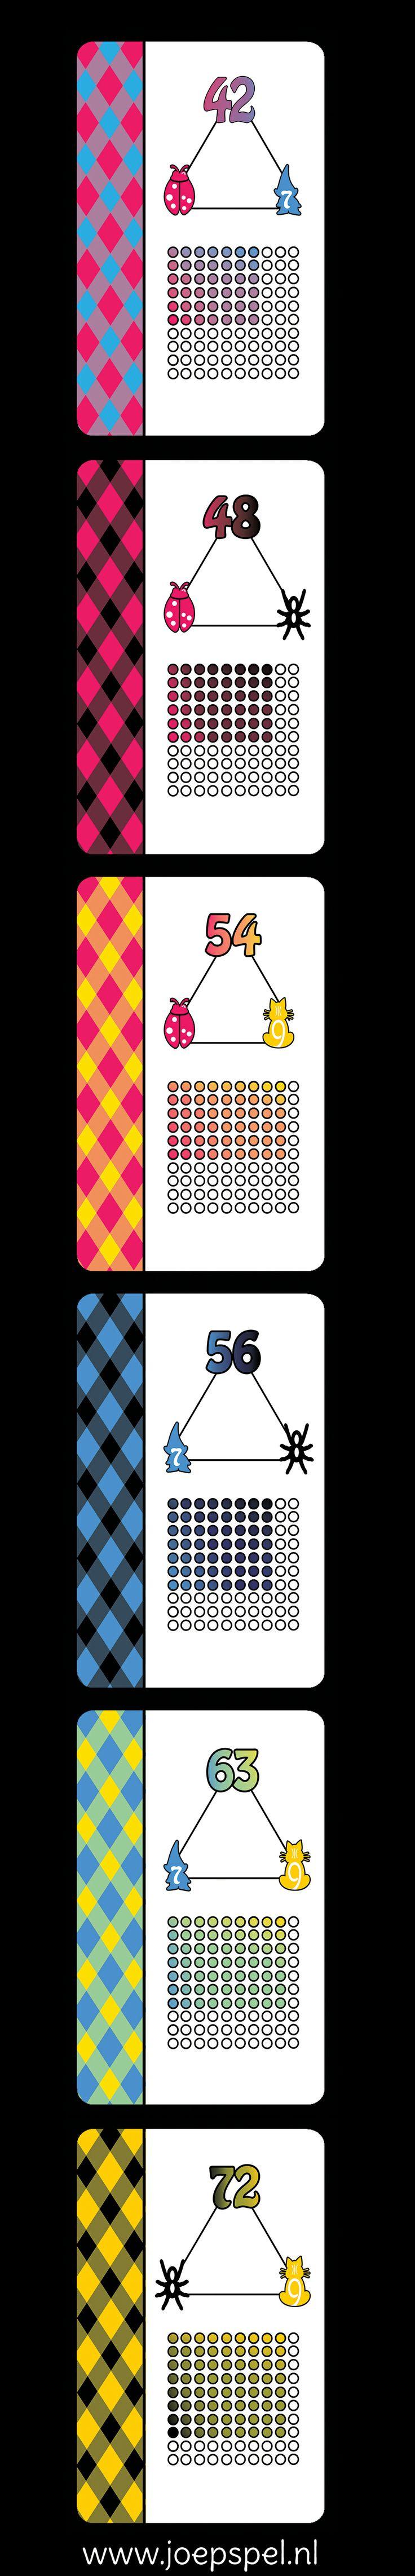 """Xpeditie tafelsom is een kaartspel, waarmee kinderen op een leuke manier kennis maken met de tafelgetallen. Bij het spel hoef je niet te rekenen en toch leer je de tafels!  Elke tafel heeft zijn eigen kleur en symbool gekregen.  Door de visualisatie van het beeld, is het terughalen van de som een makkie. Stap in je bootje en ga op zoek naar de schatten die onder de """"tafeleilanden"""" verstopt liggen! #tafels leren #beelddenken"""